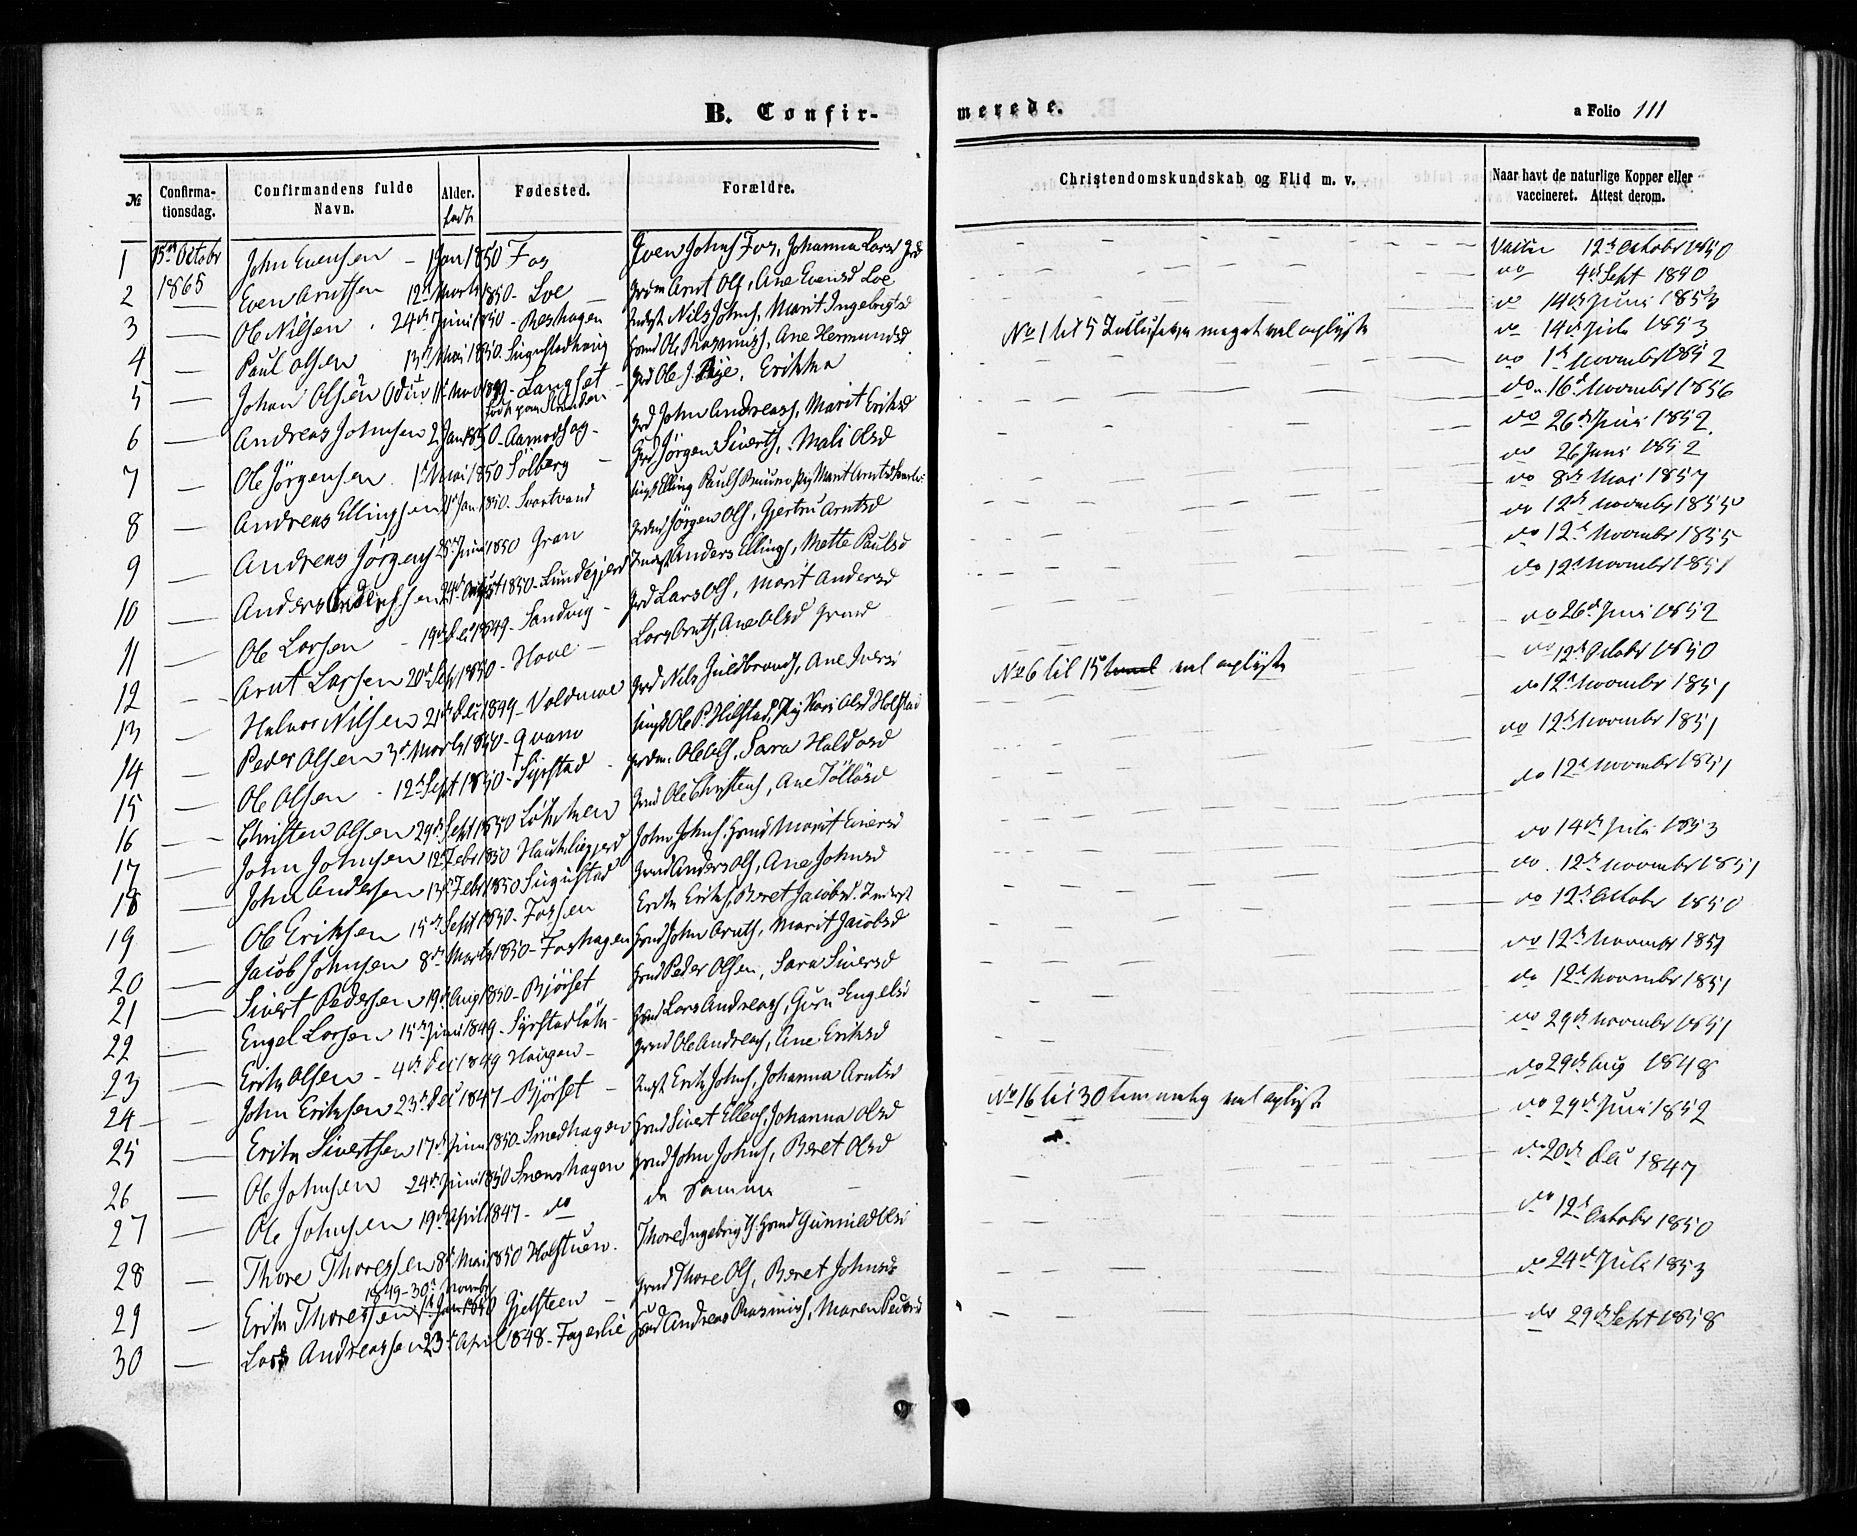 SAT, Ministerialprotokoller, klokkerbøker og fødselsregistre - Sør-Trøndelag, 672/L0856: Ministerialbok nr. 672A08, 1861-1881, s. 111